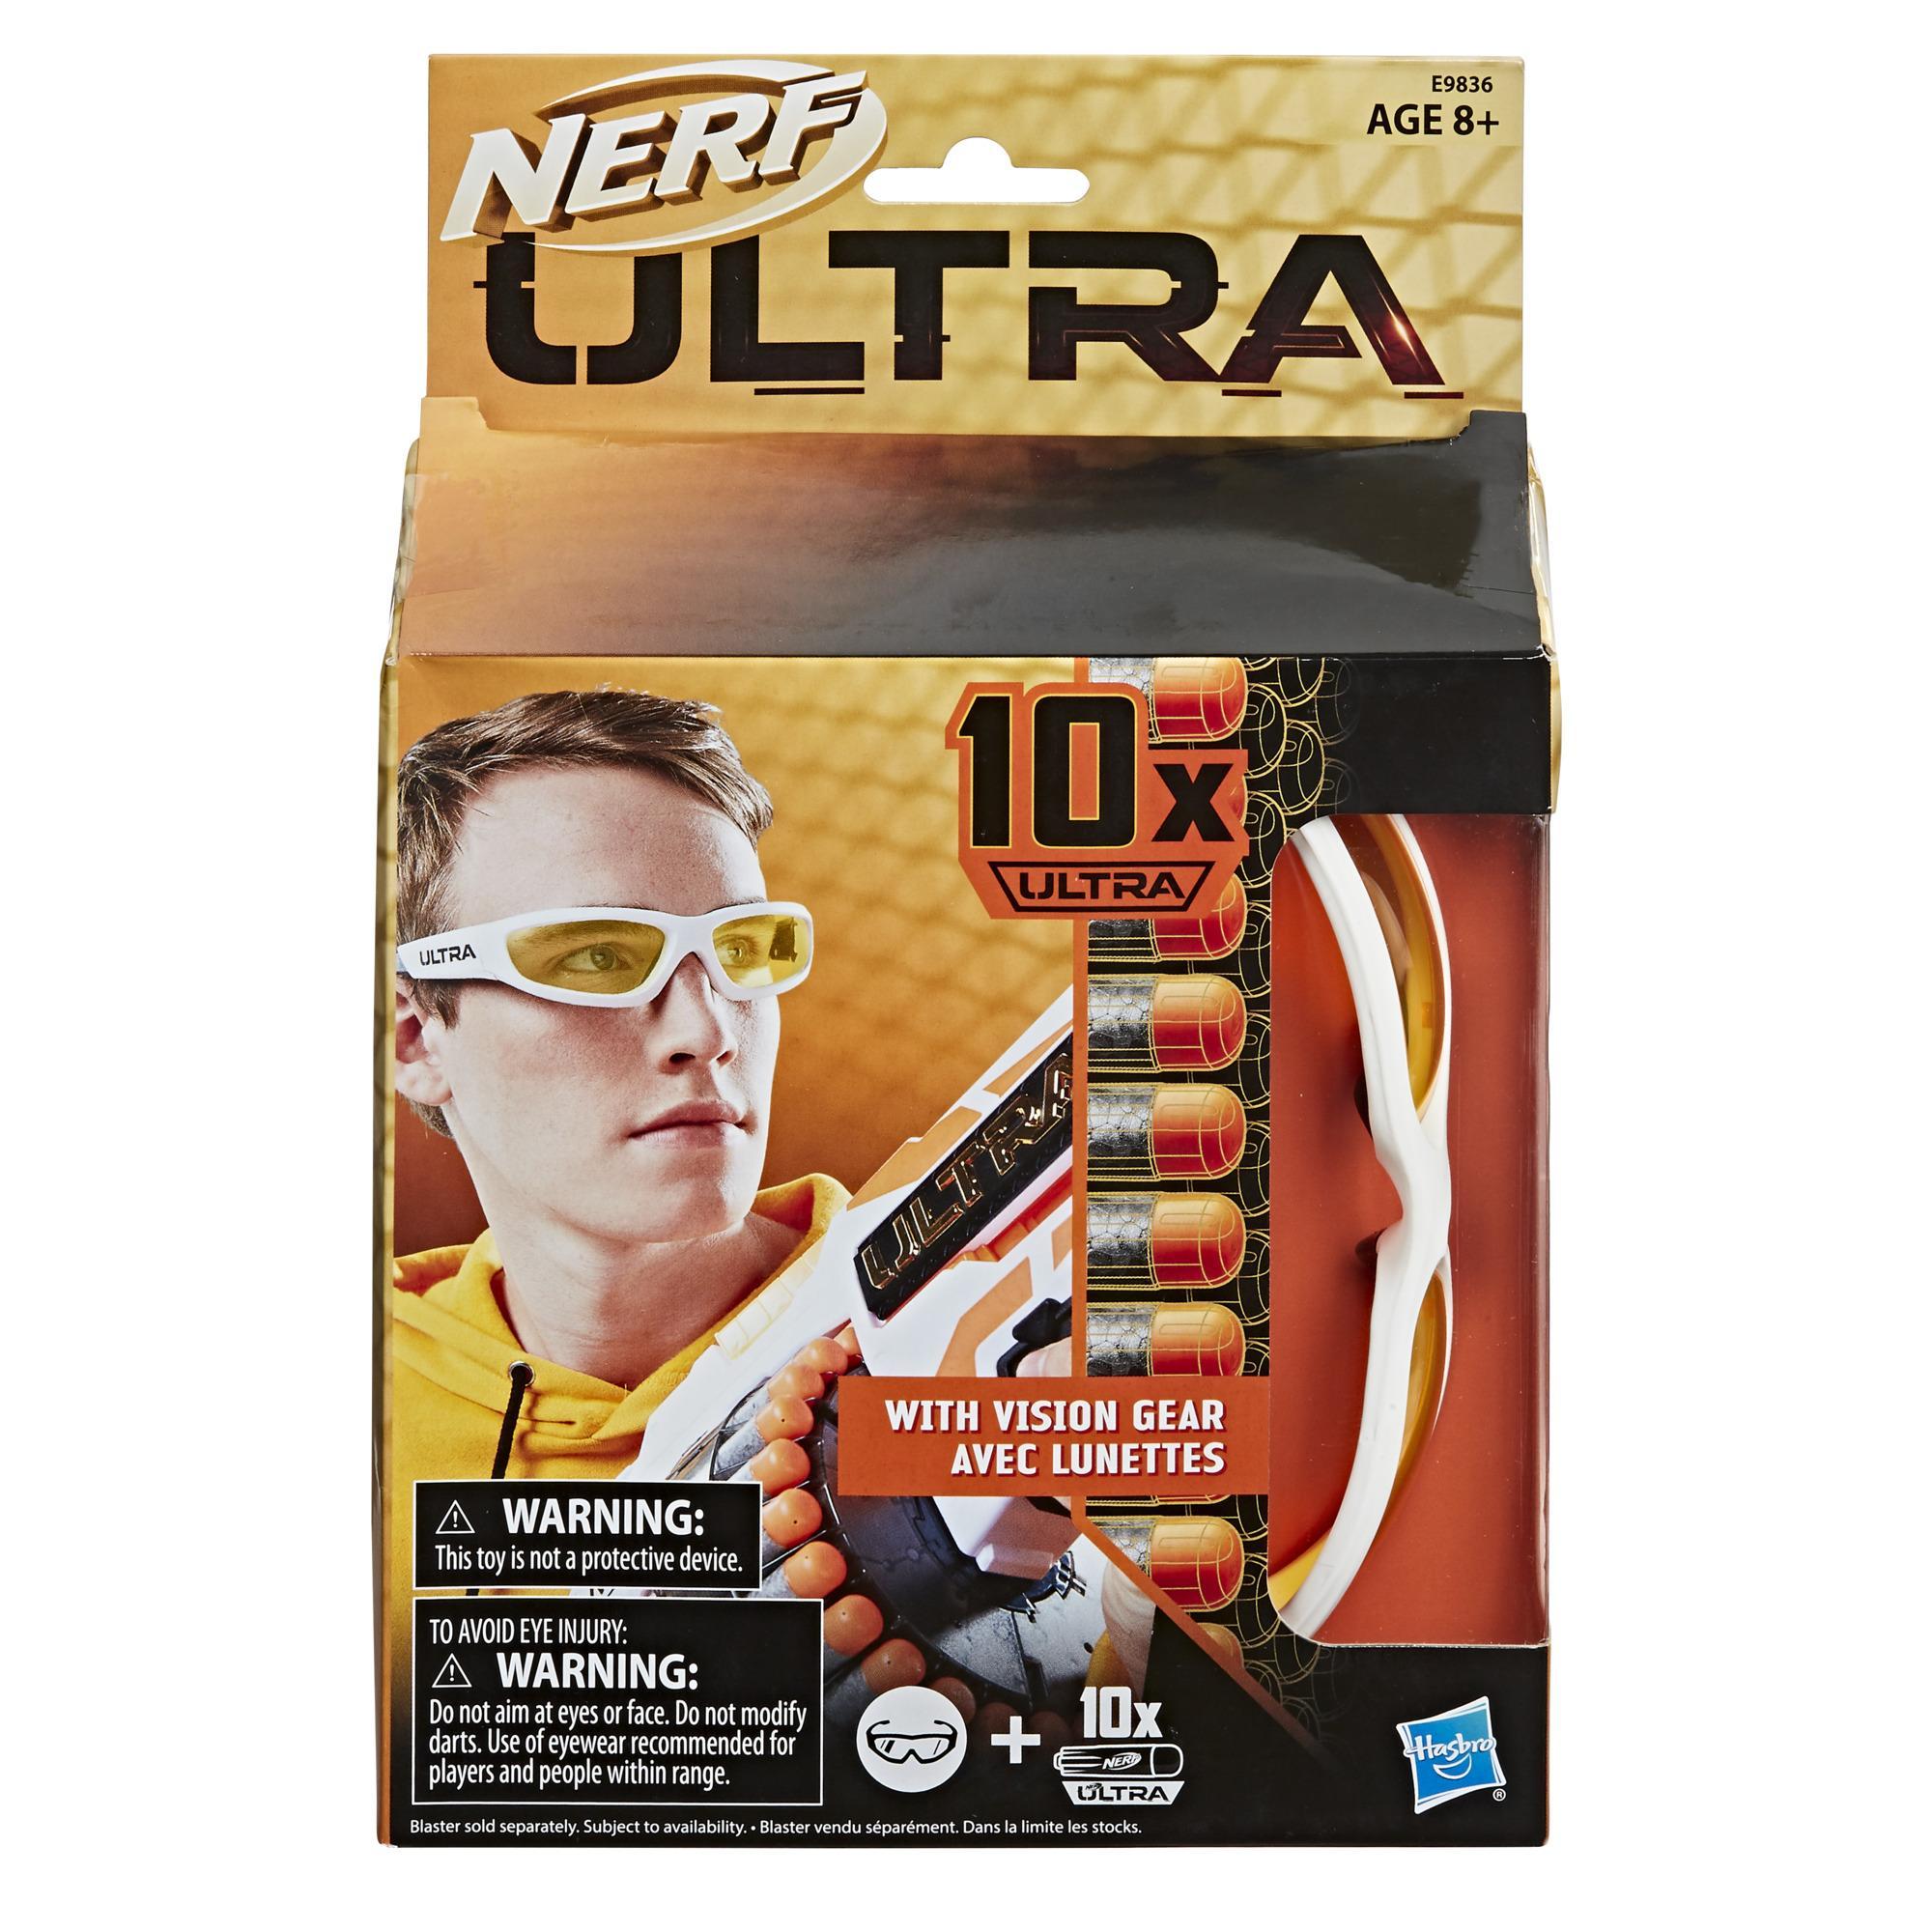 Nerf Ultra - Lunettes Vision Gear et 10 fléchettes Nerf Ultra, compatibles uniquement avec les blasters Nerf Ultra